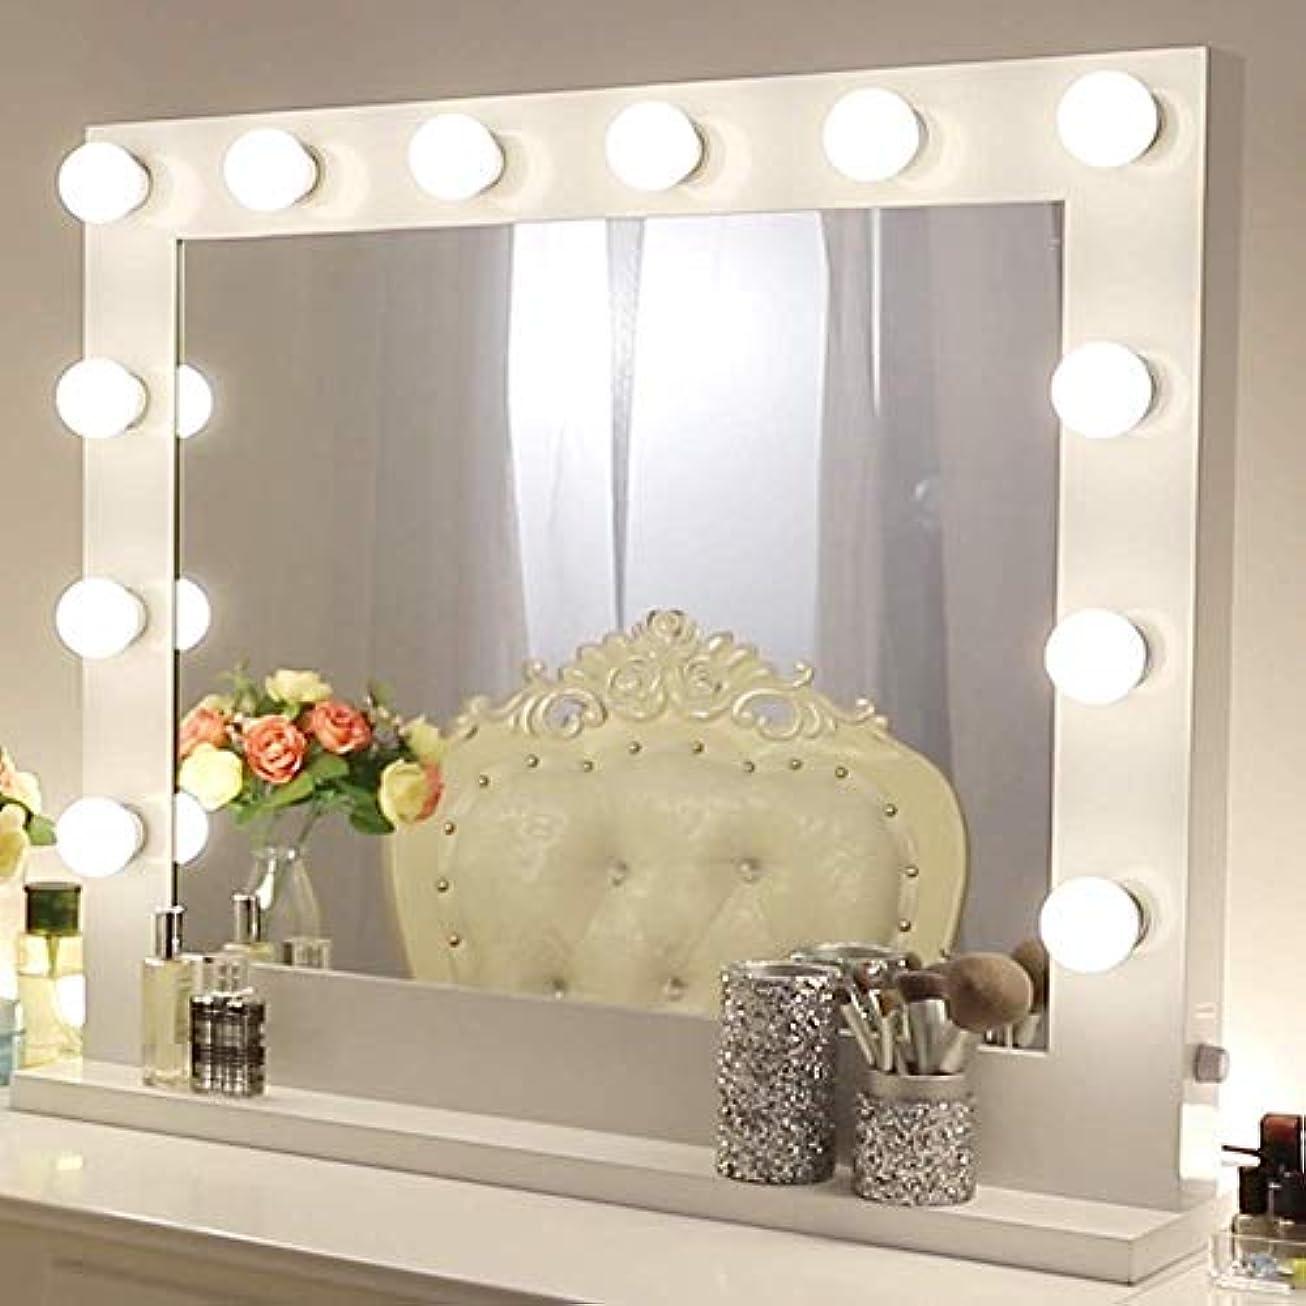 でもかもしれない引き付けるハリウッドミラー 女優ミラー 大型 壁掛け LEDライト付き コンセント付き 無段階調光 化粧鏡 ドレッサー 女優鏡 (横型8065)